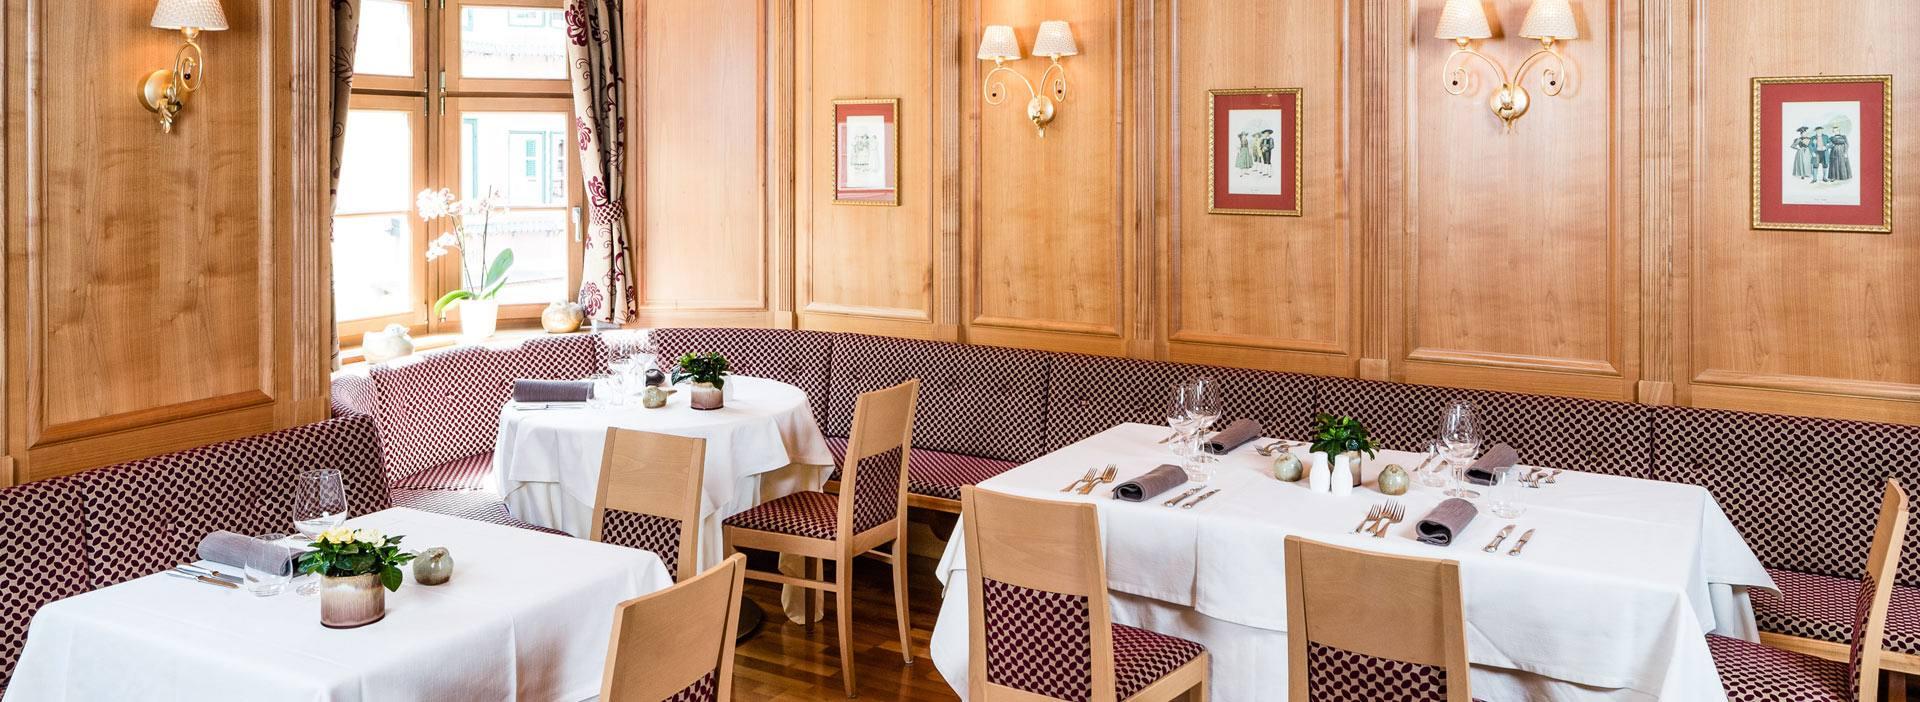 Restaurant Lilie